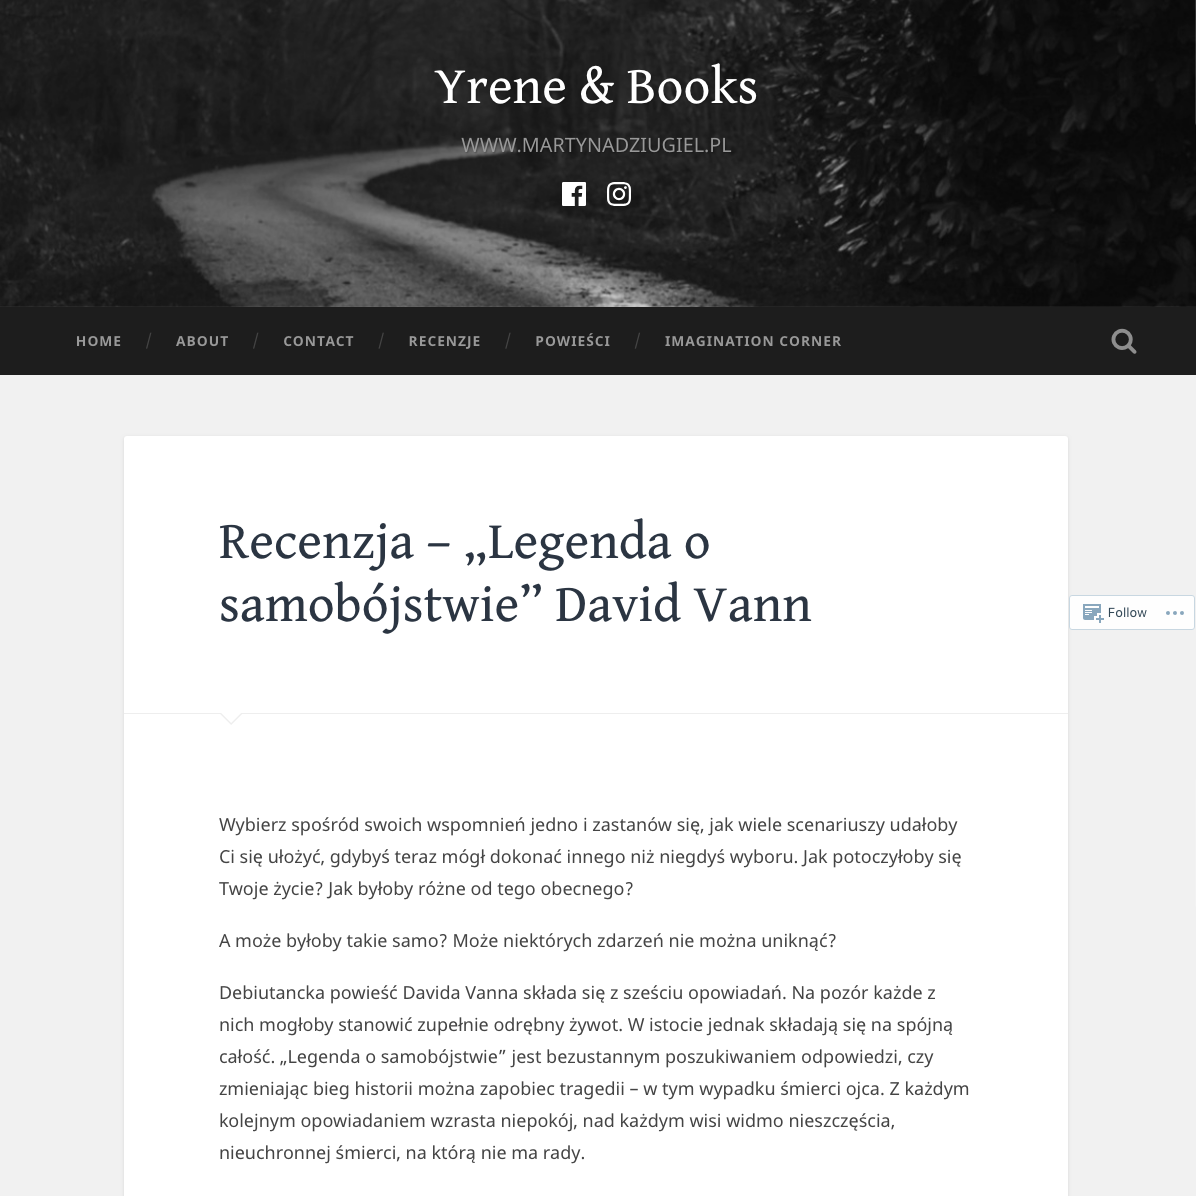 Yrene & Books o Legendzie o samobójstwie